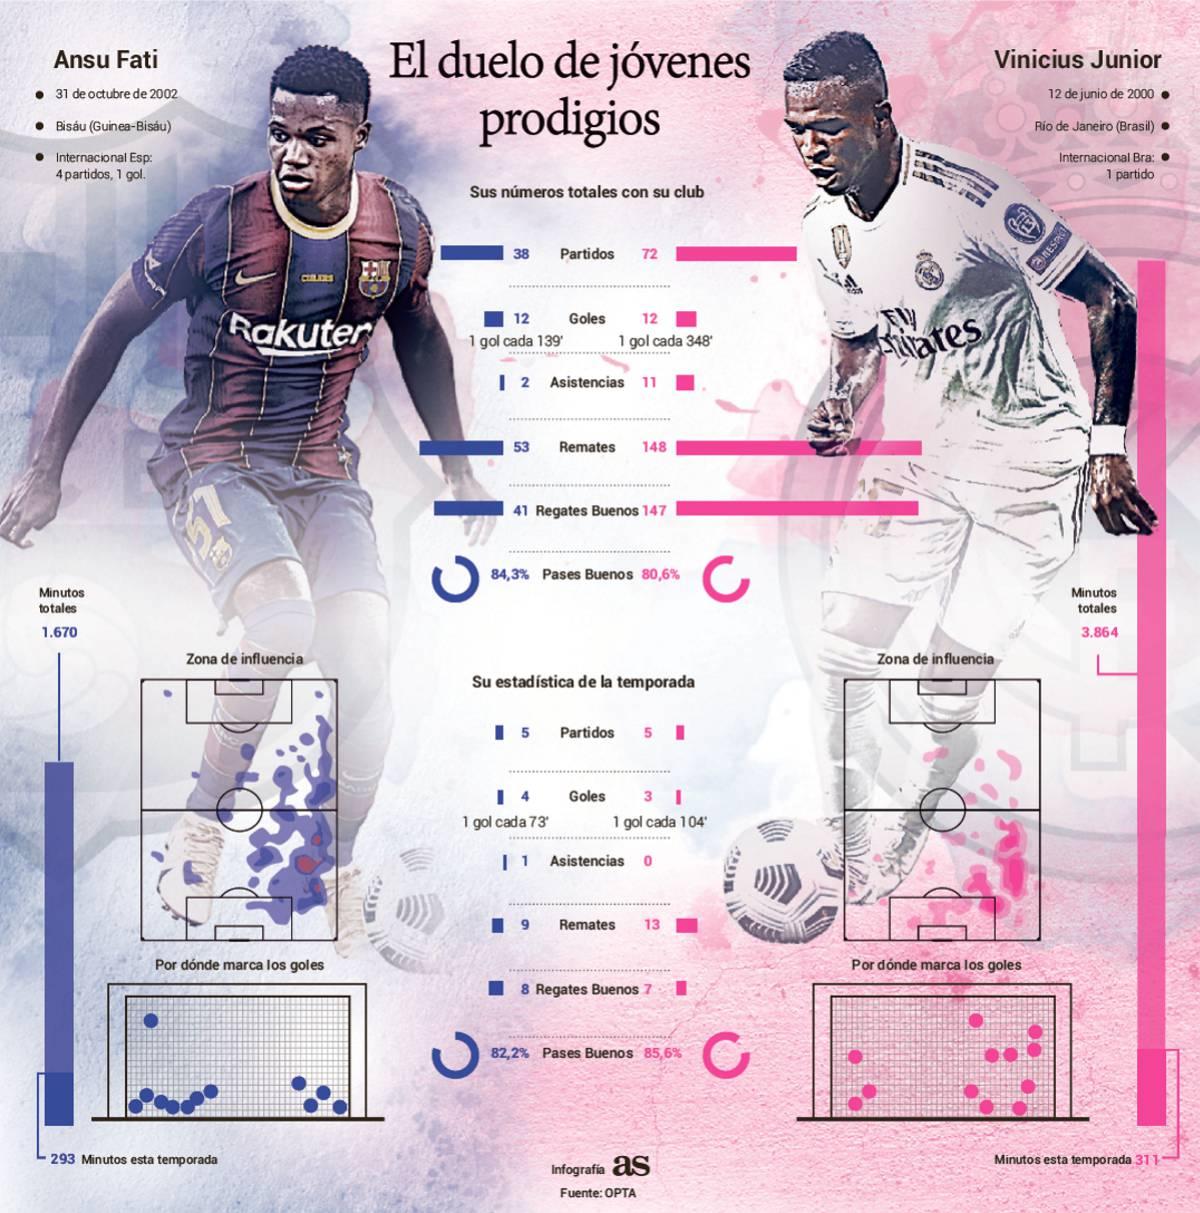 El Clásico Barcelona - Real Madrid   Ansu Fati-Vinicius, nueva era 1